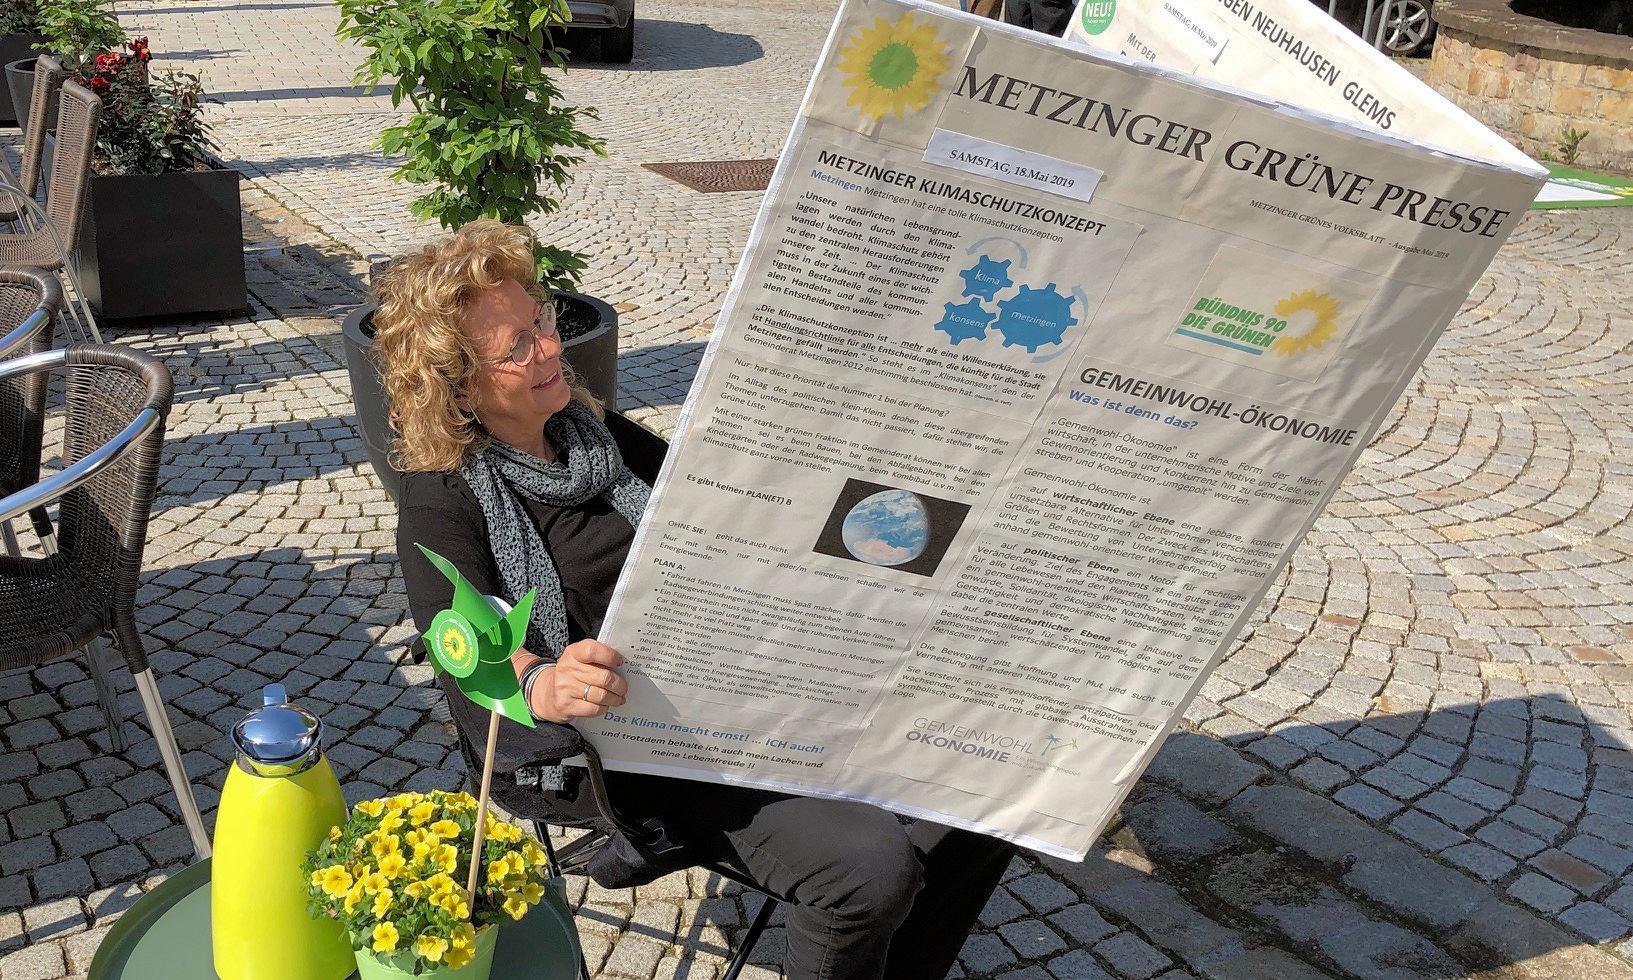 19-05-25_Zeitung_Metzingen